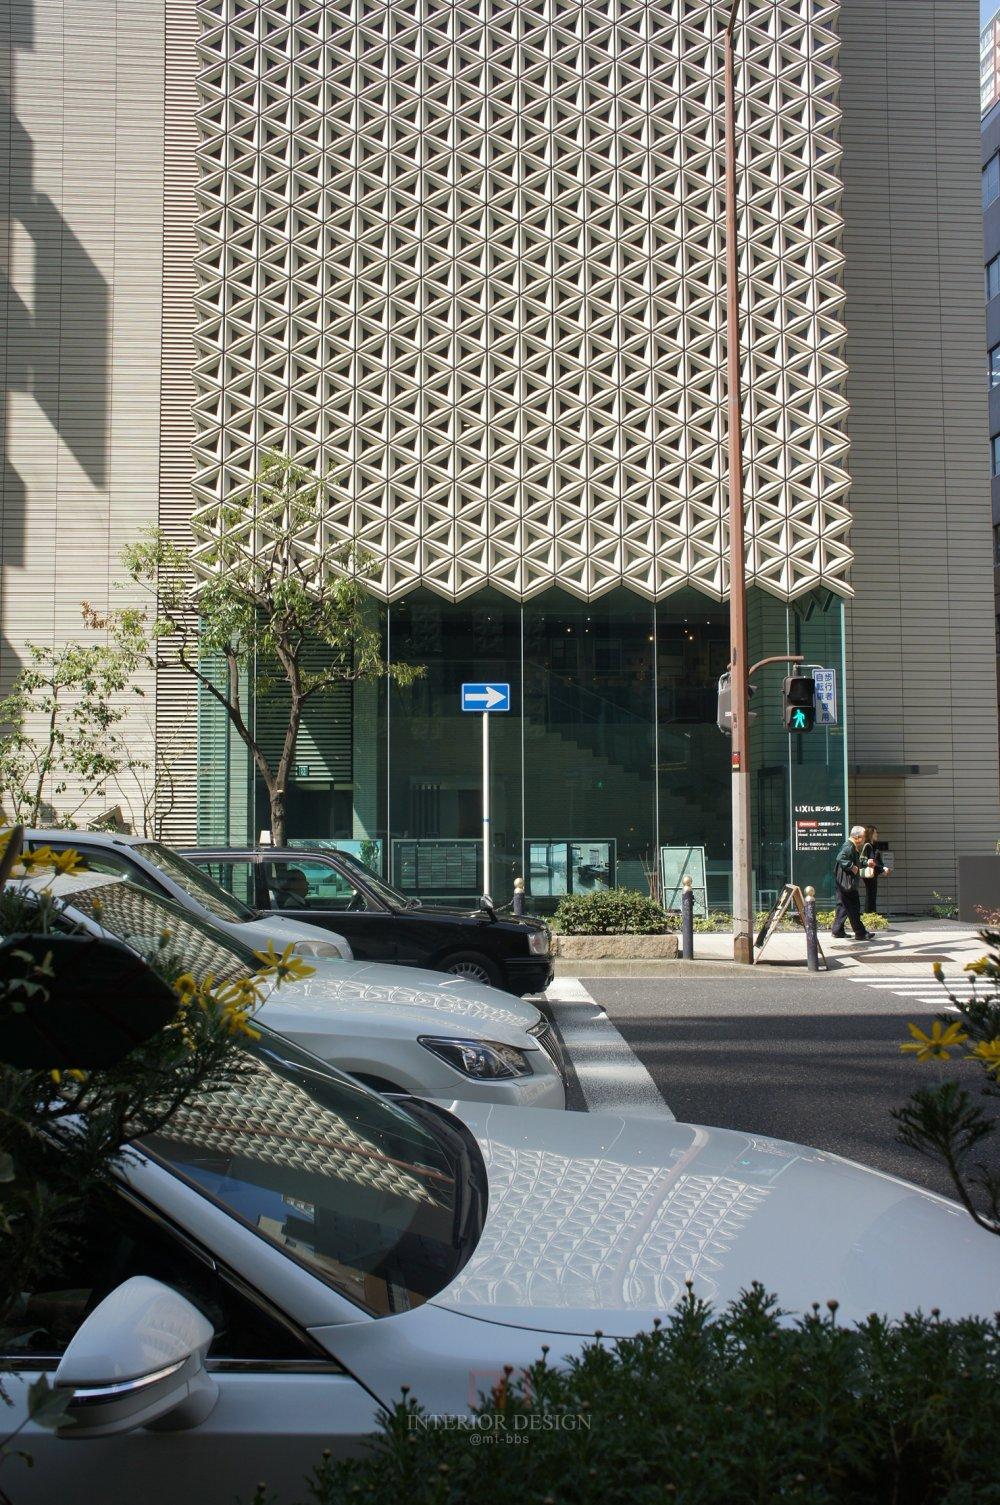 #伙伴一起看日本#  日本设计考察分享(更新美秀美术馆)_DSC05645.JPG